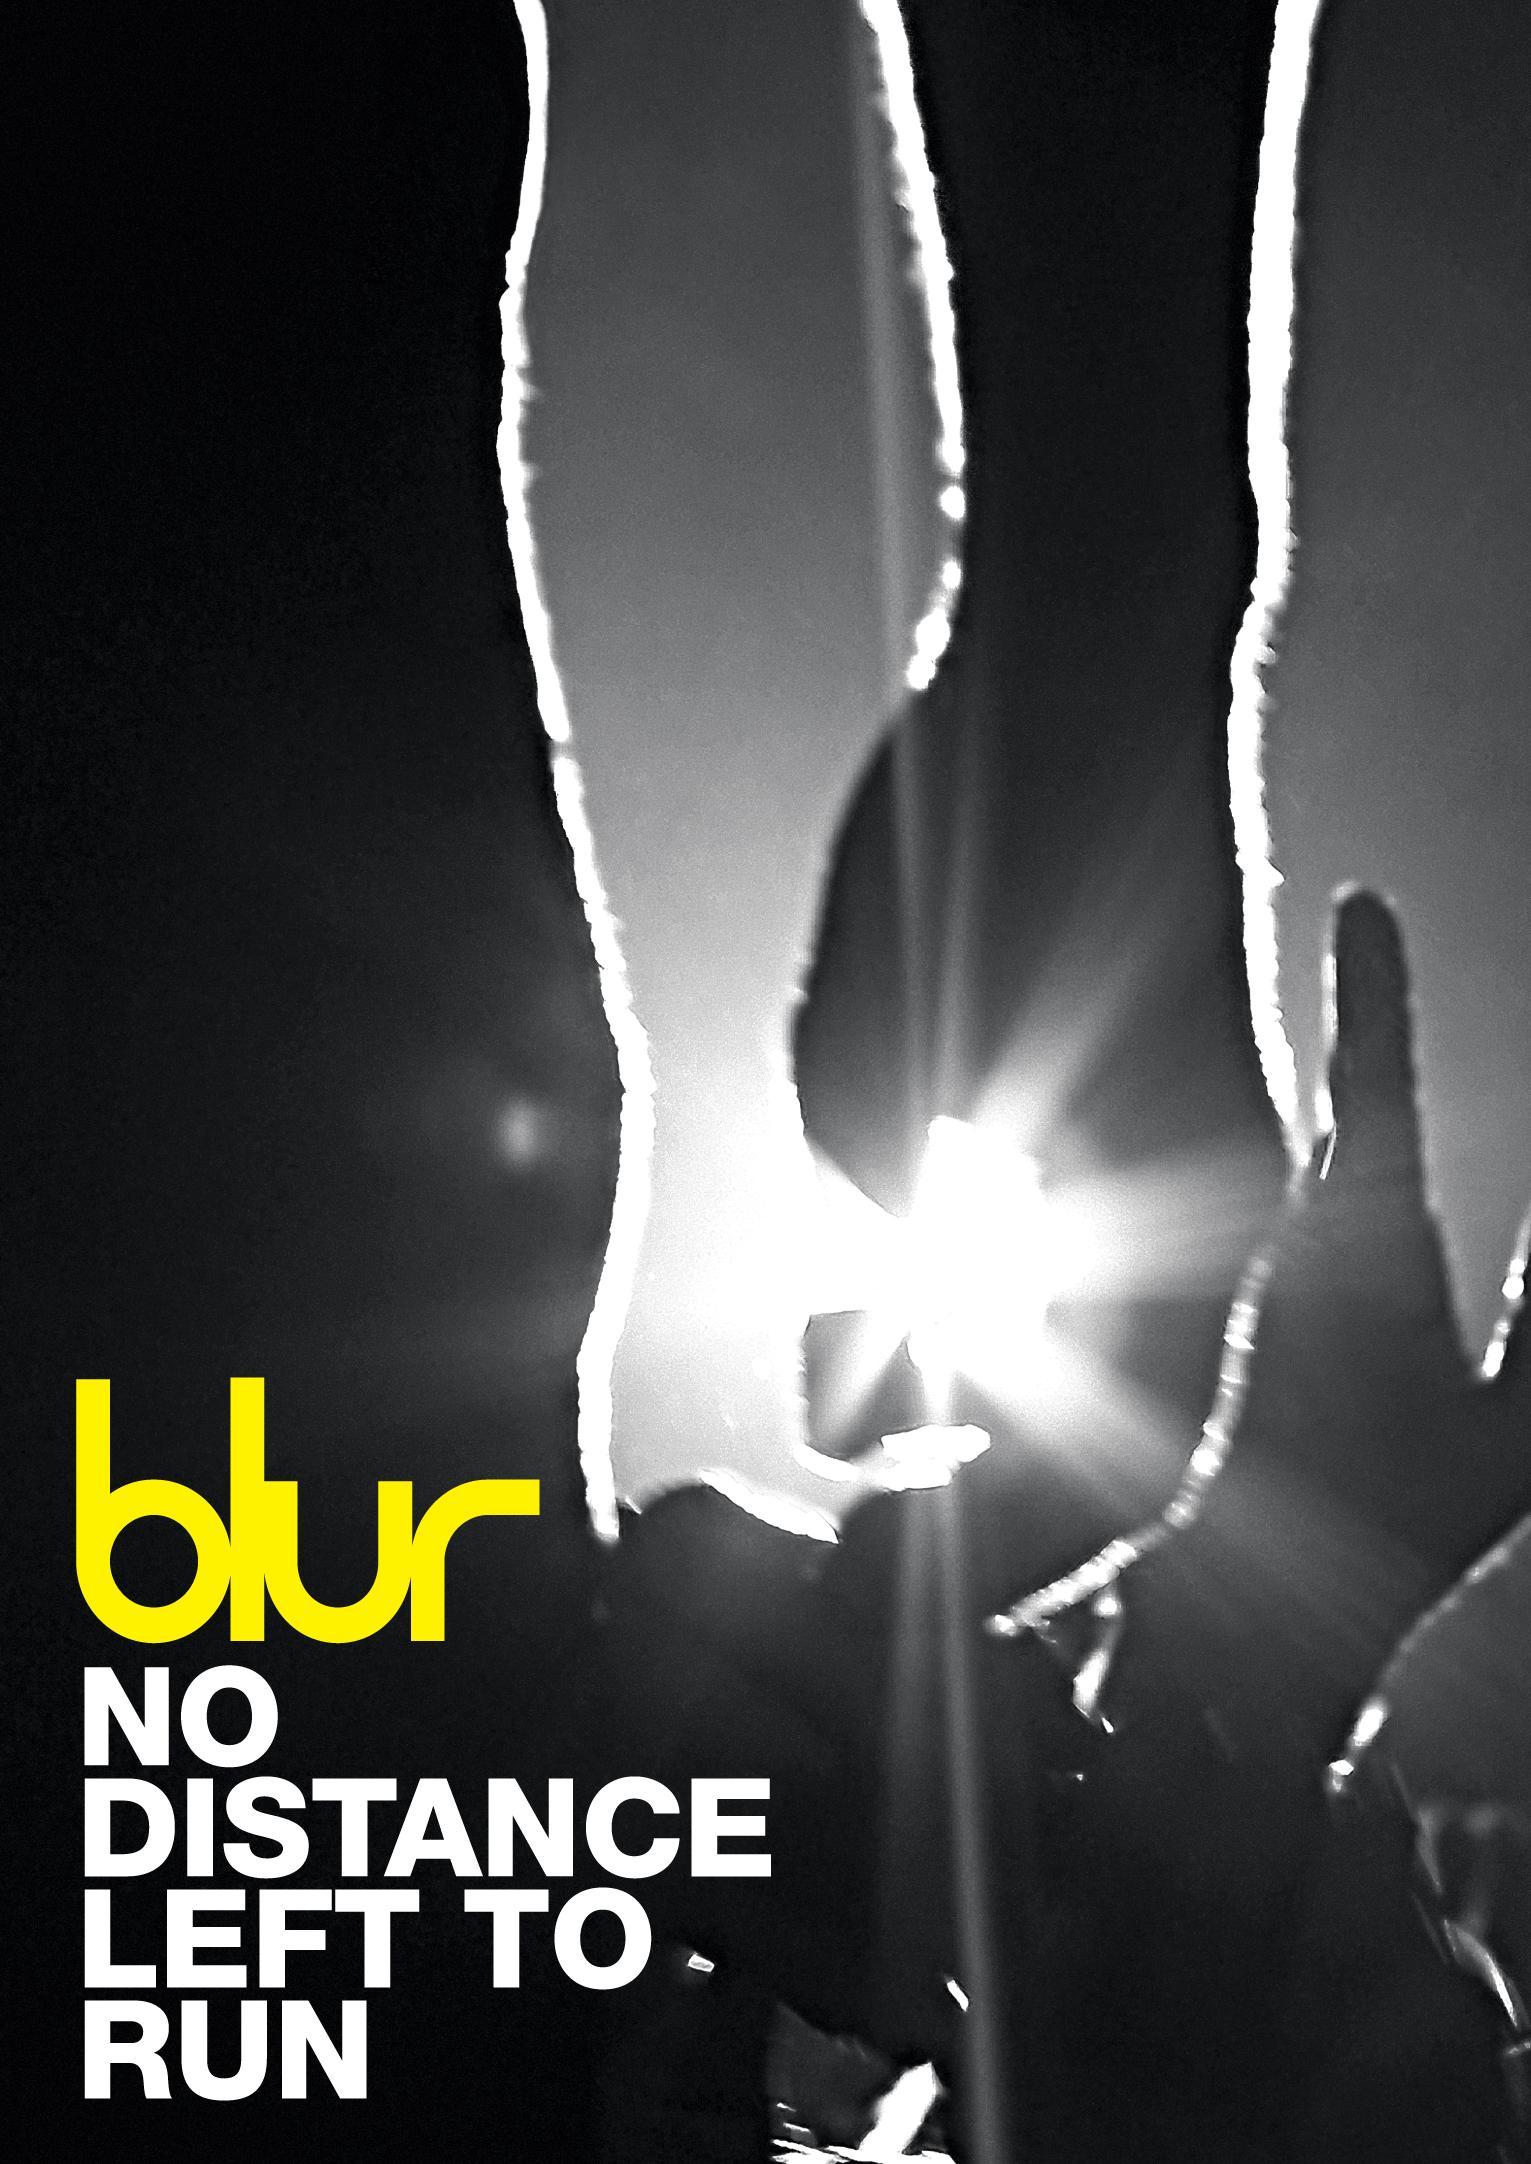 Blur_no distance left to run